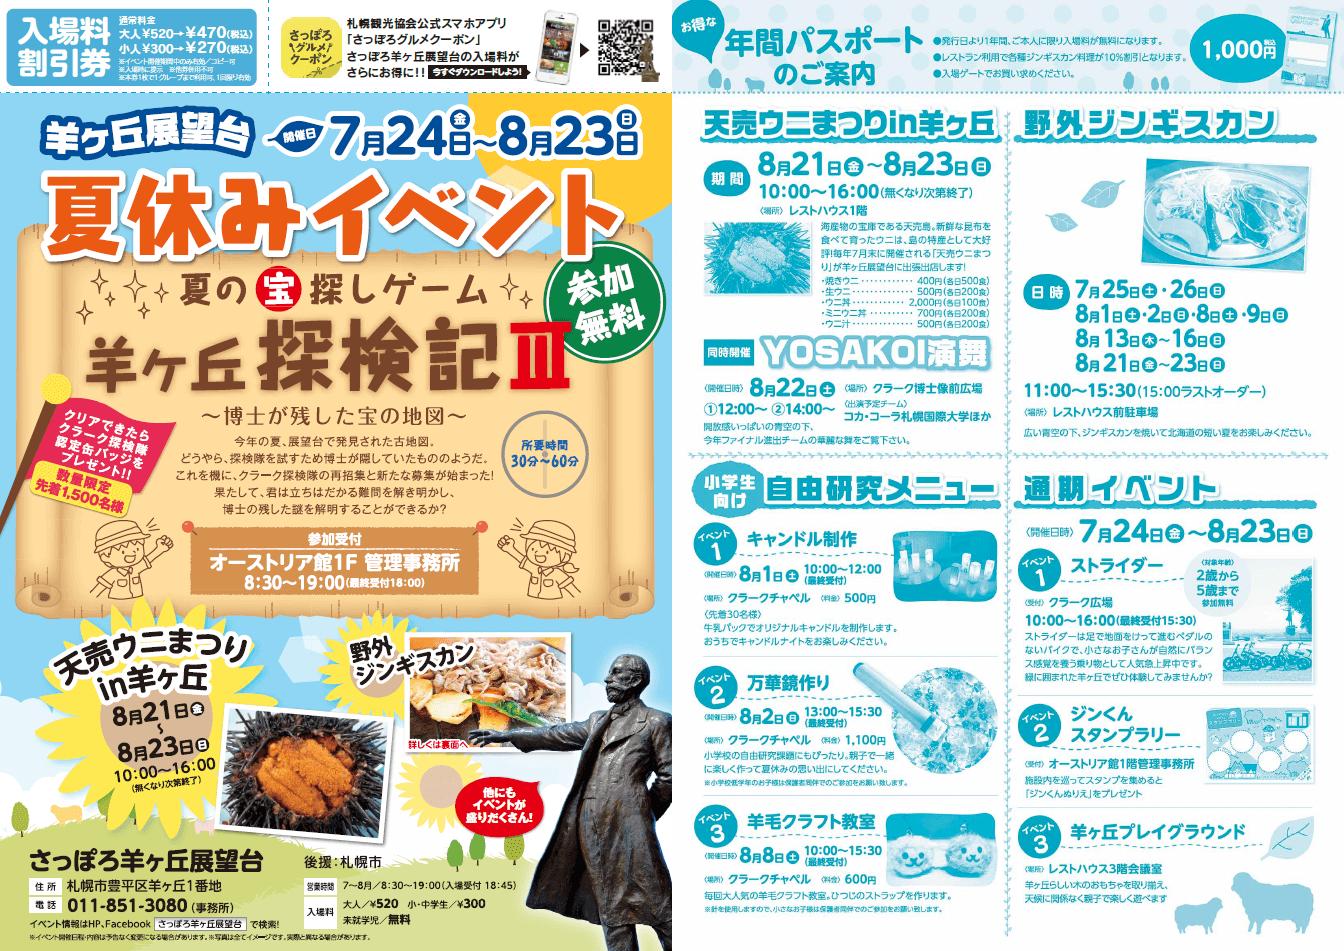 さっぽろ羊ヶ丘展望台 夏休みイベント 羊ヶ丘 (7/24〜8/23) 札幌